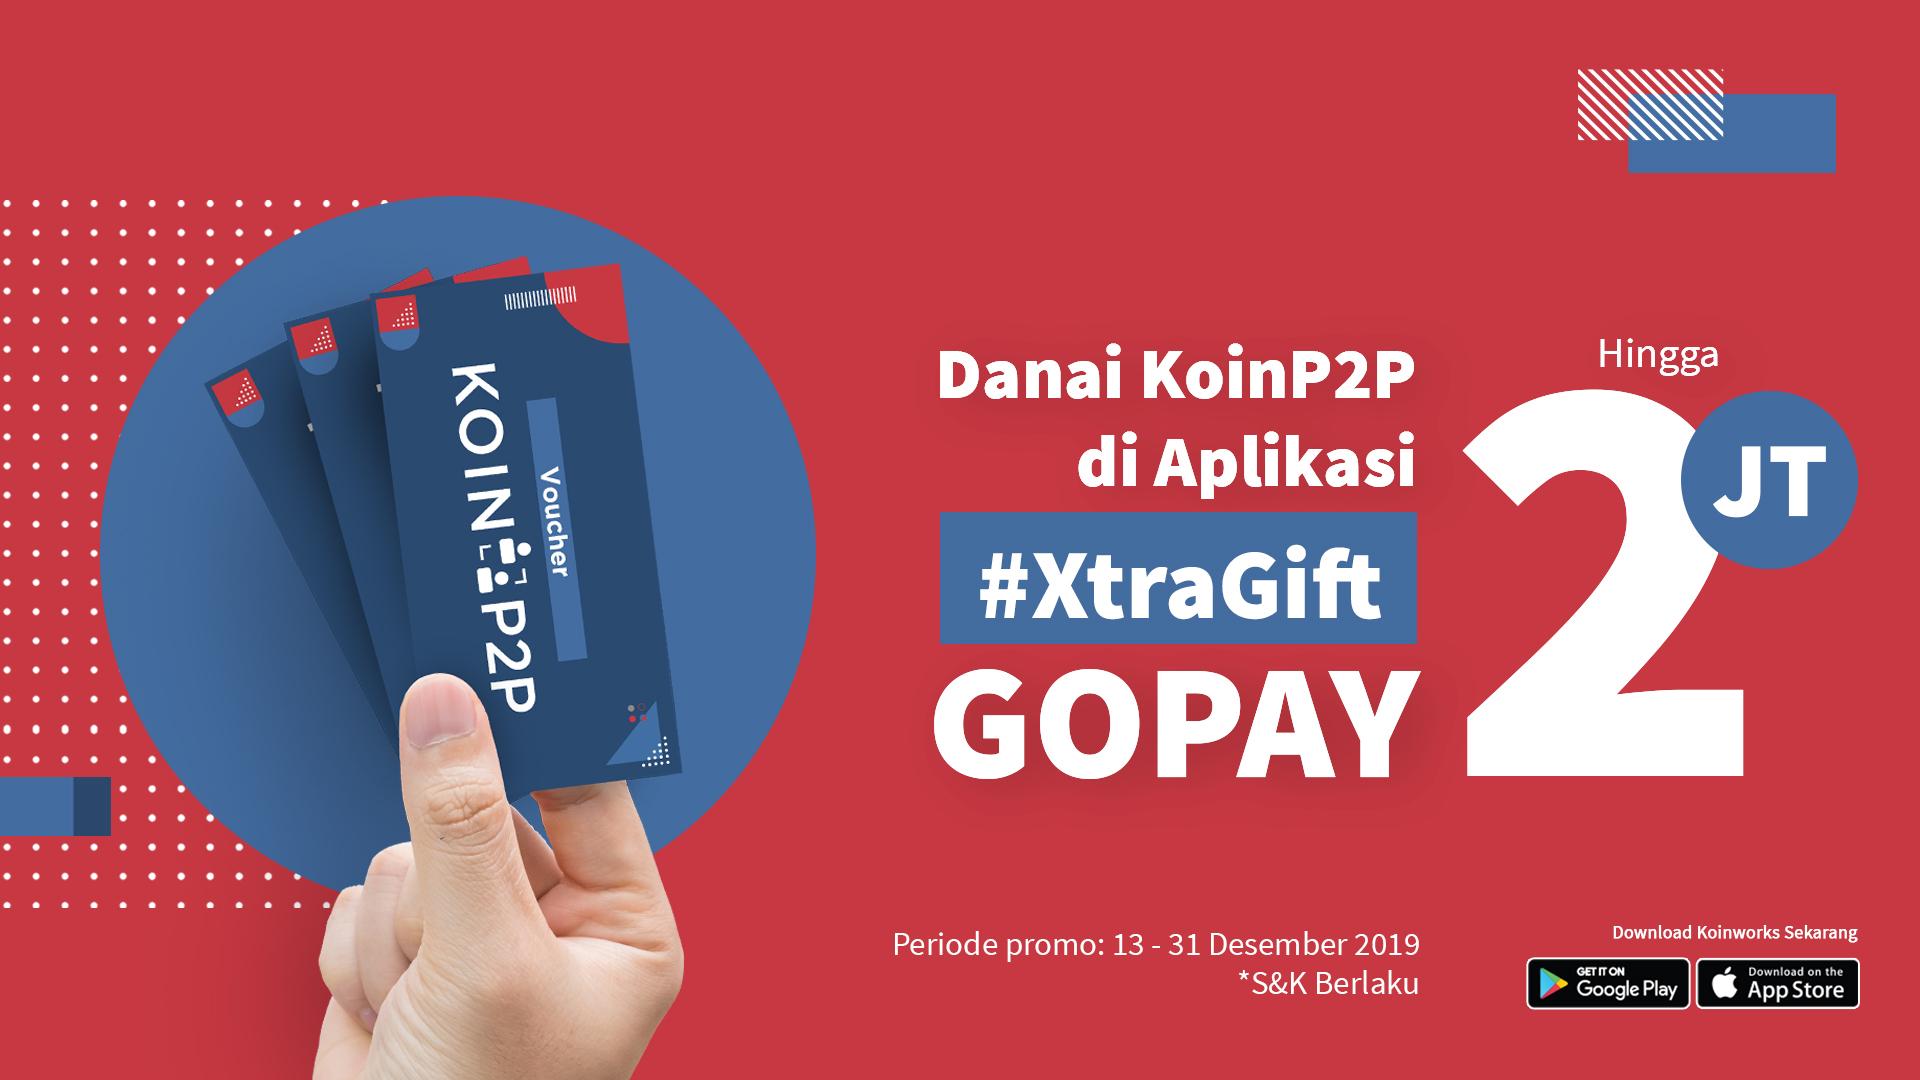 Promo Danai Koinp2p Di Aplikasi Xtragift Gopay Hingga 2 Juta